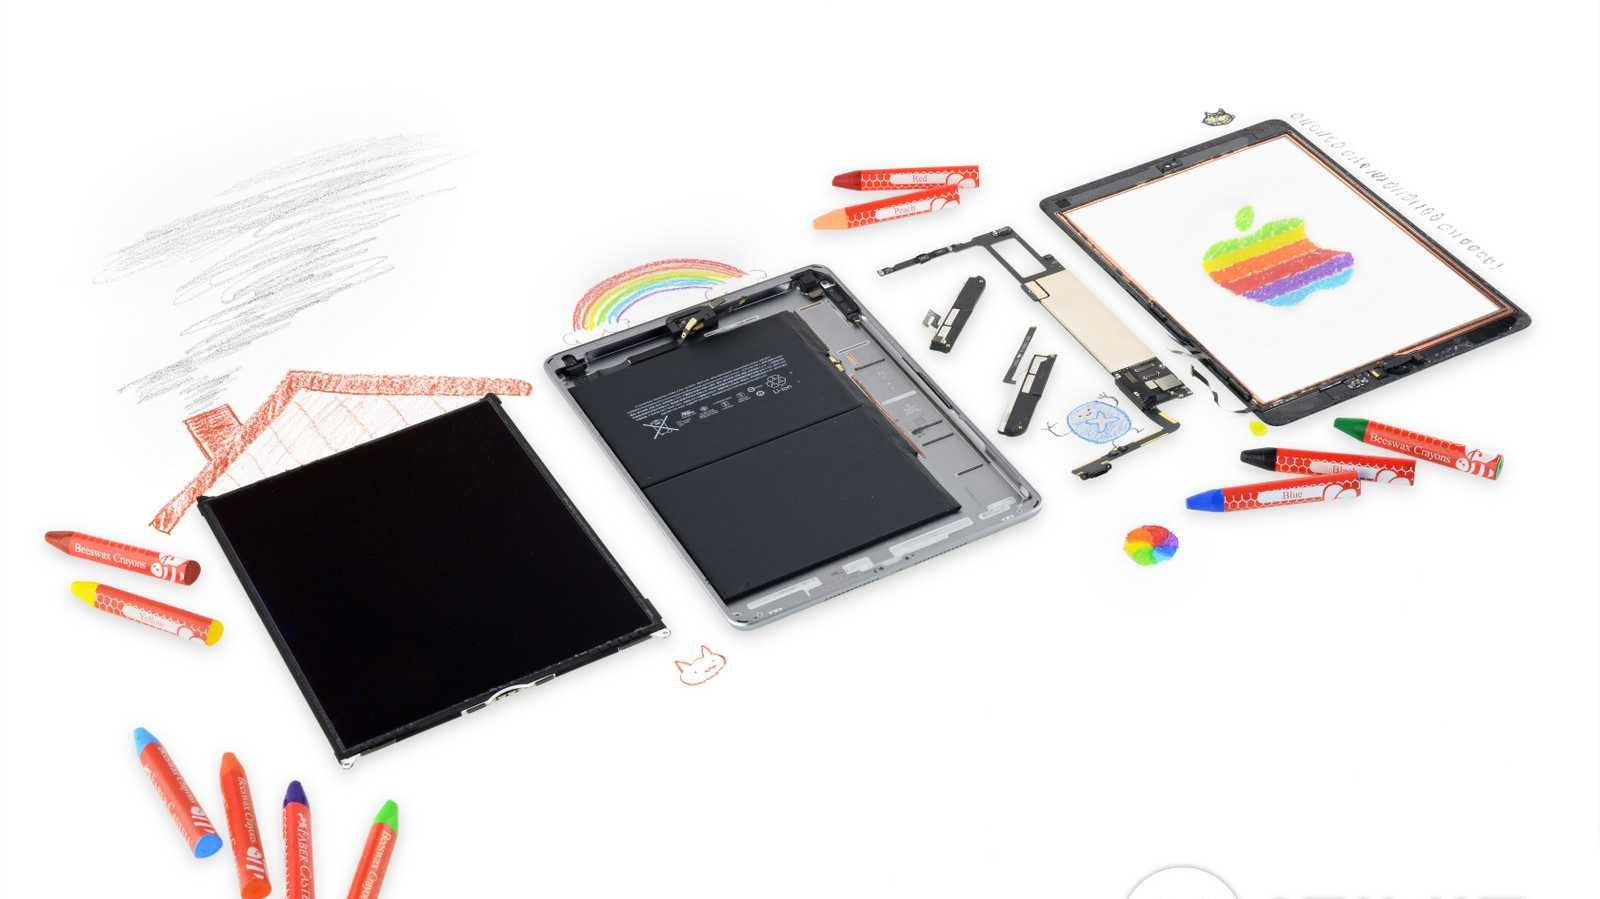 Neues Billig-iPad schlecht zu reparieren